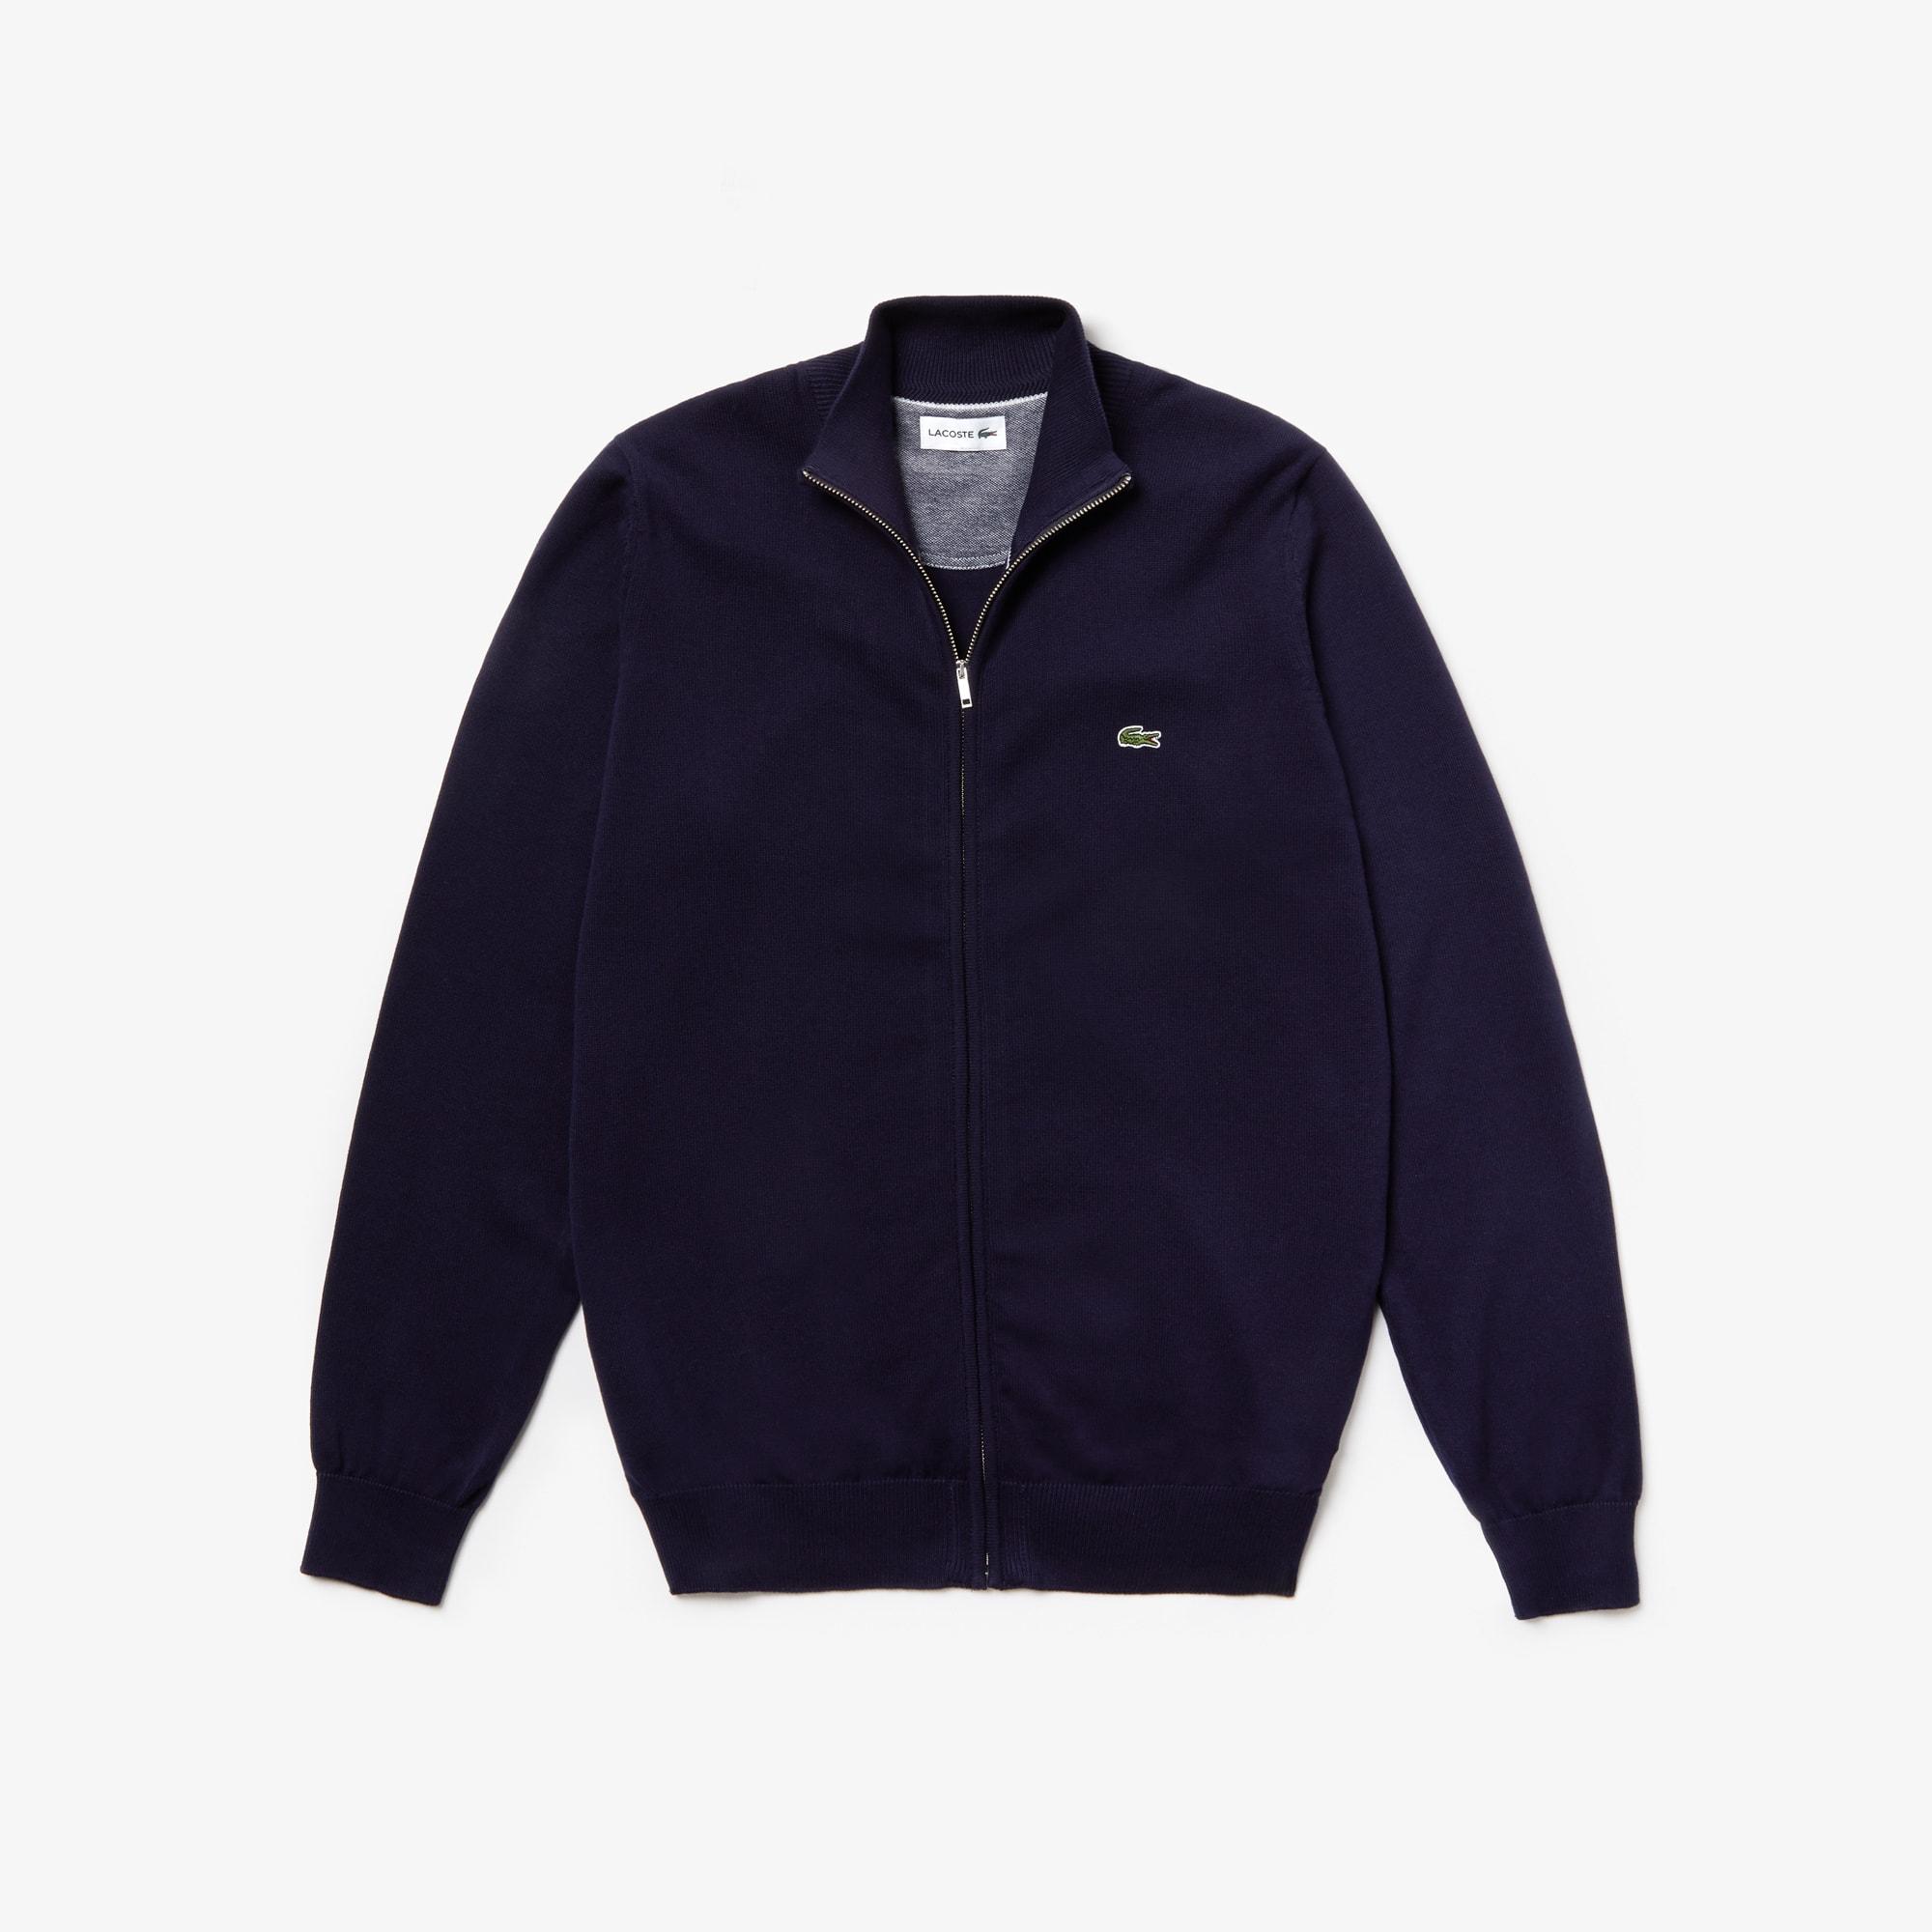 c1bb2c389027e Gilet zippé col montant en jersey de coton uni